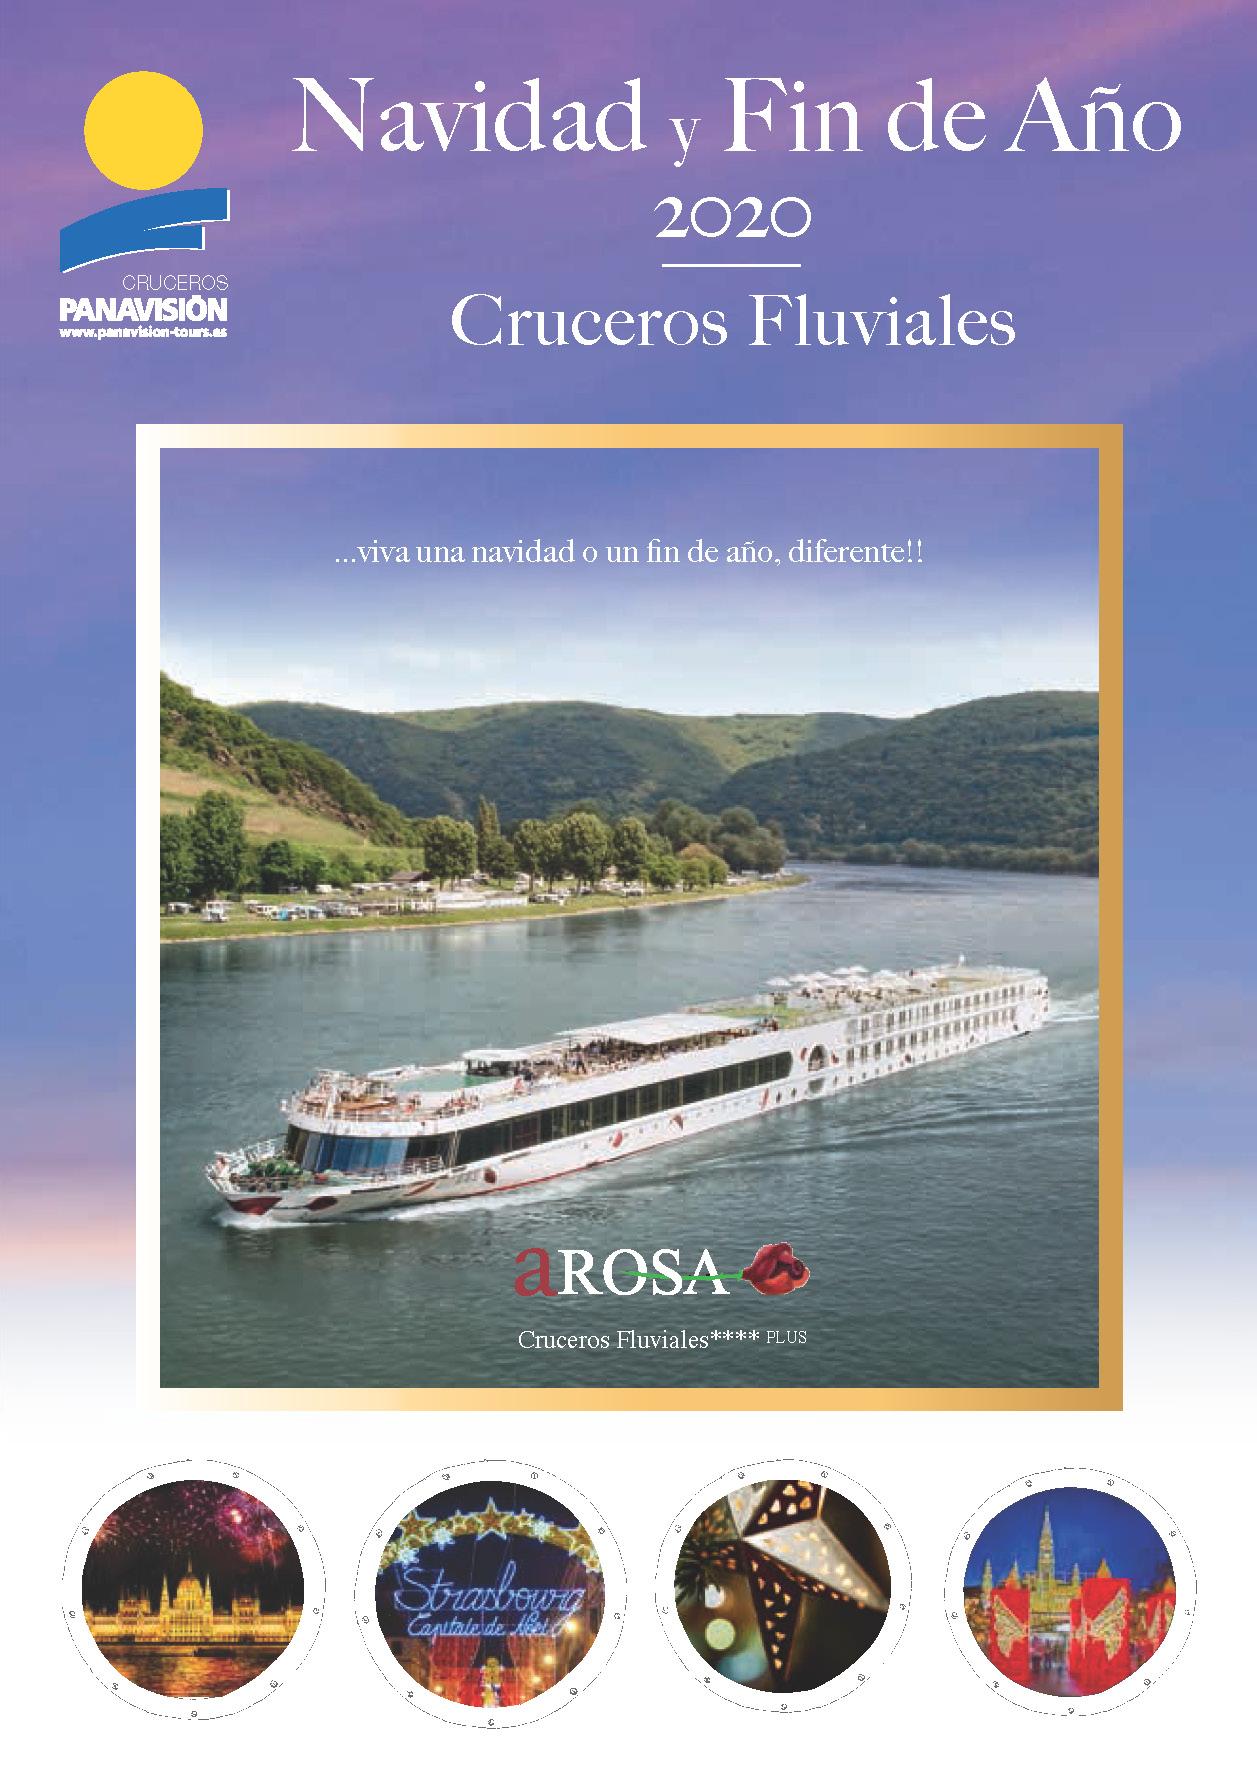 Catalogo Panavision Tours Cruceros Fluviales Navidad y Fin de Ano 2020 CX0